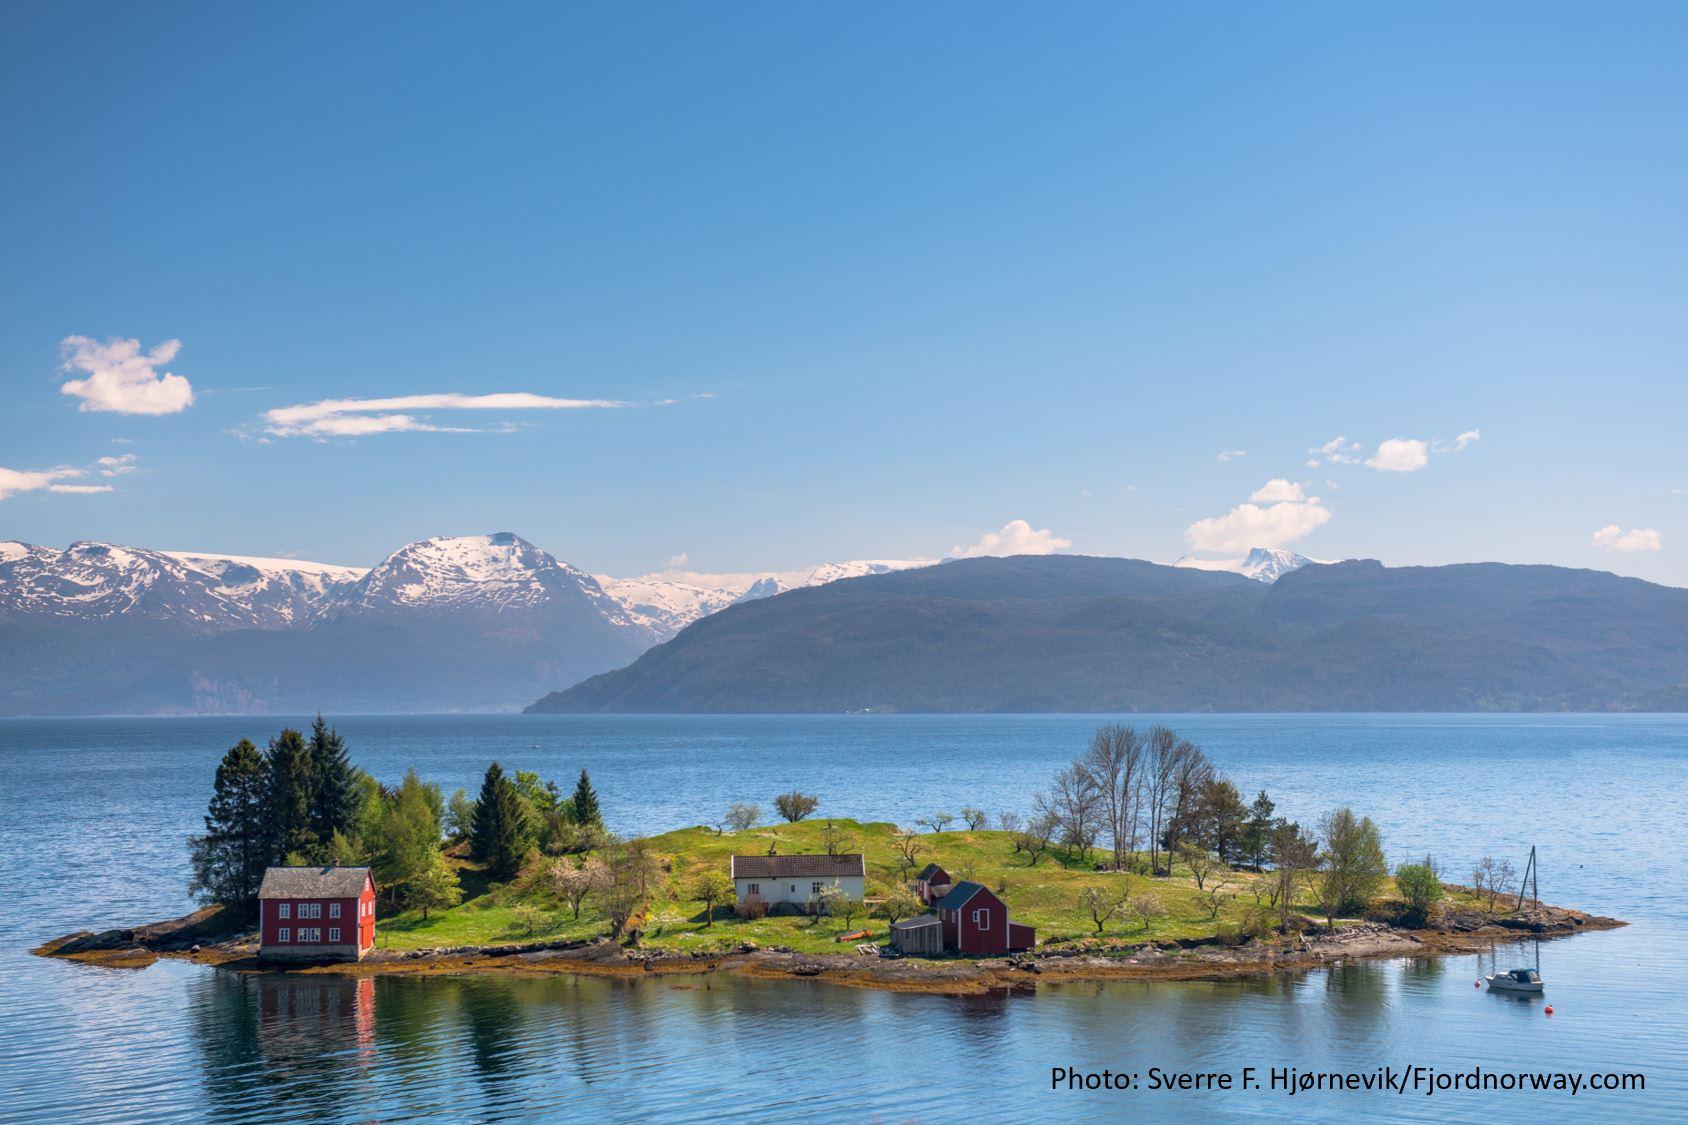 © Sverre F. Hjørnevik/Fjordnorway.com, Travel like the locals - Omaholmen i Hardanger